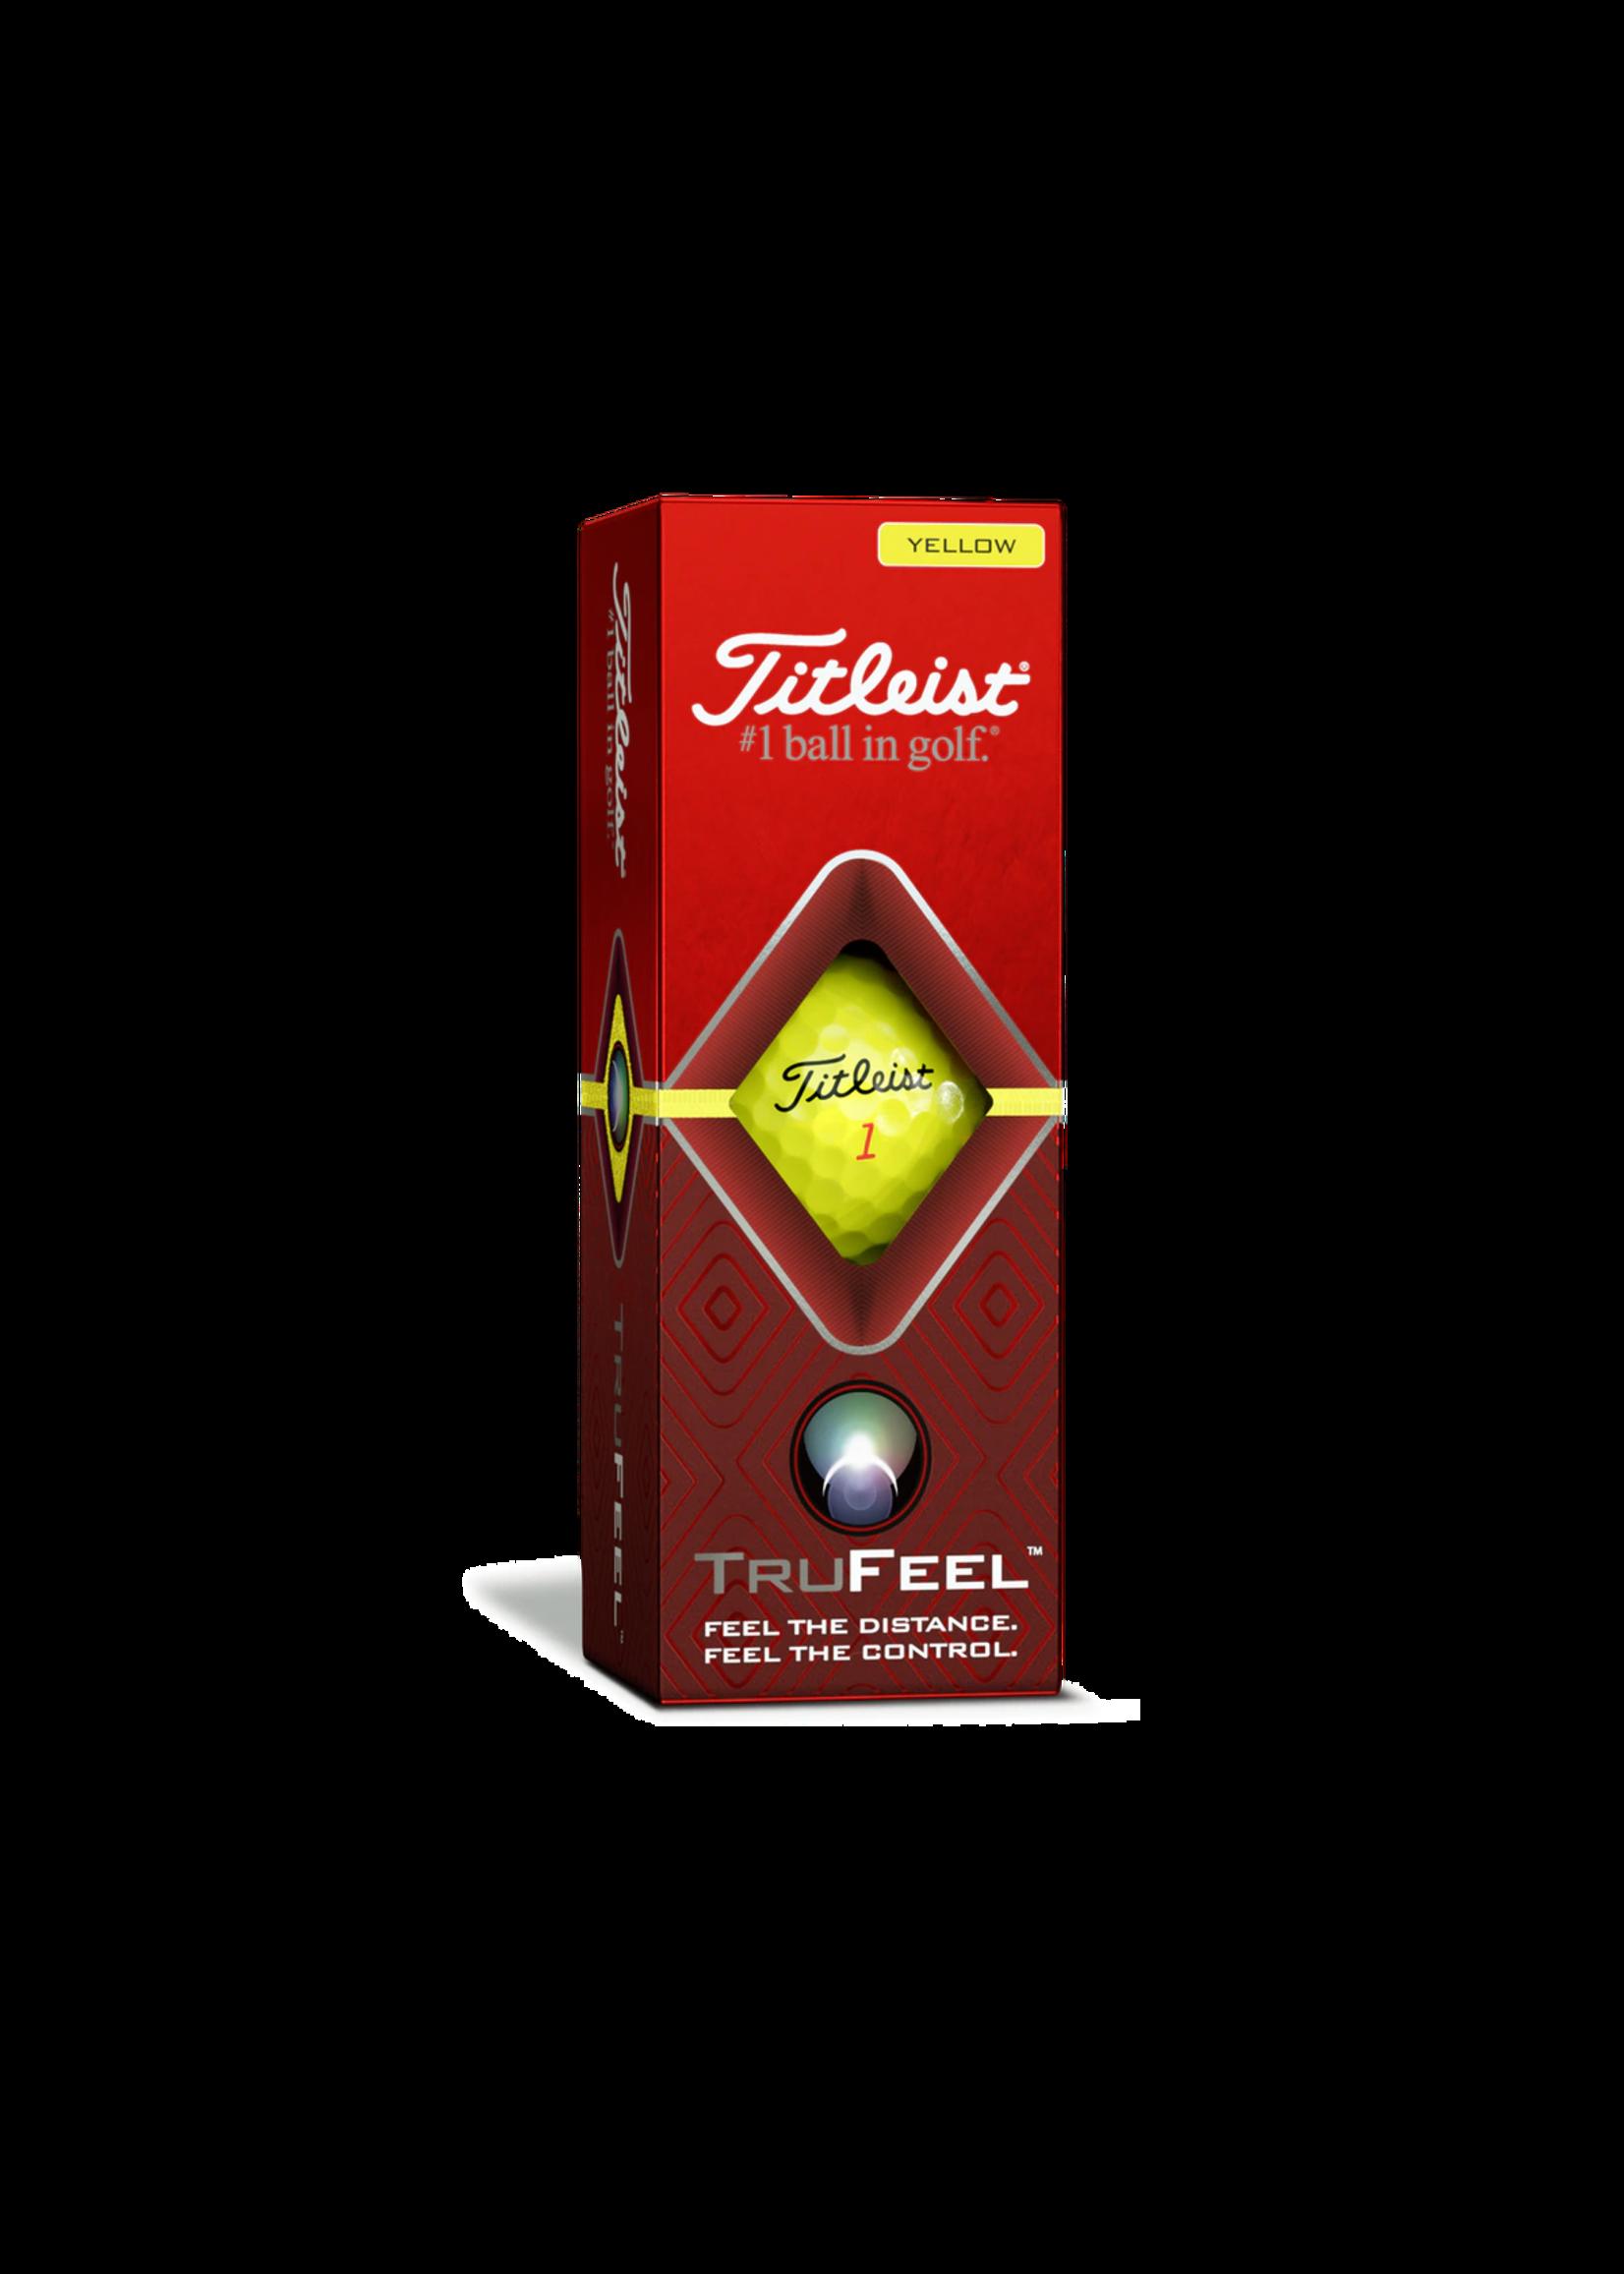 TITLEIST TRU FEEL GOLF BALLS (Sleeve)